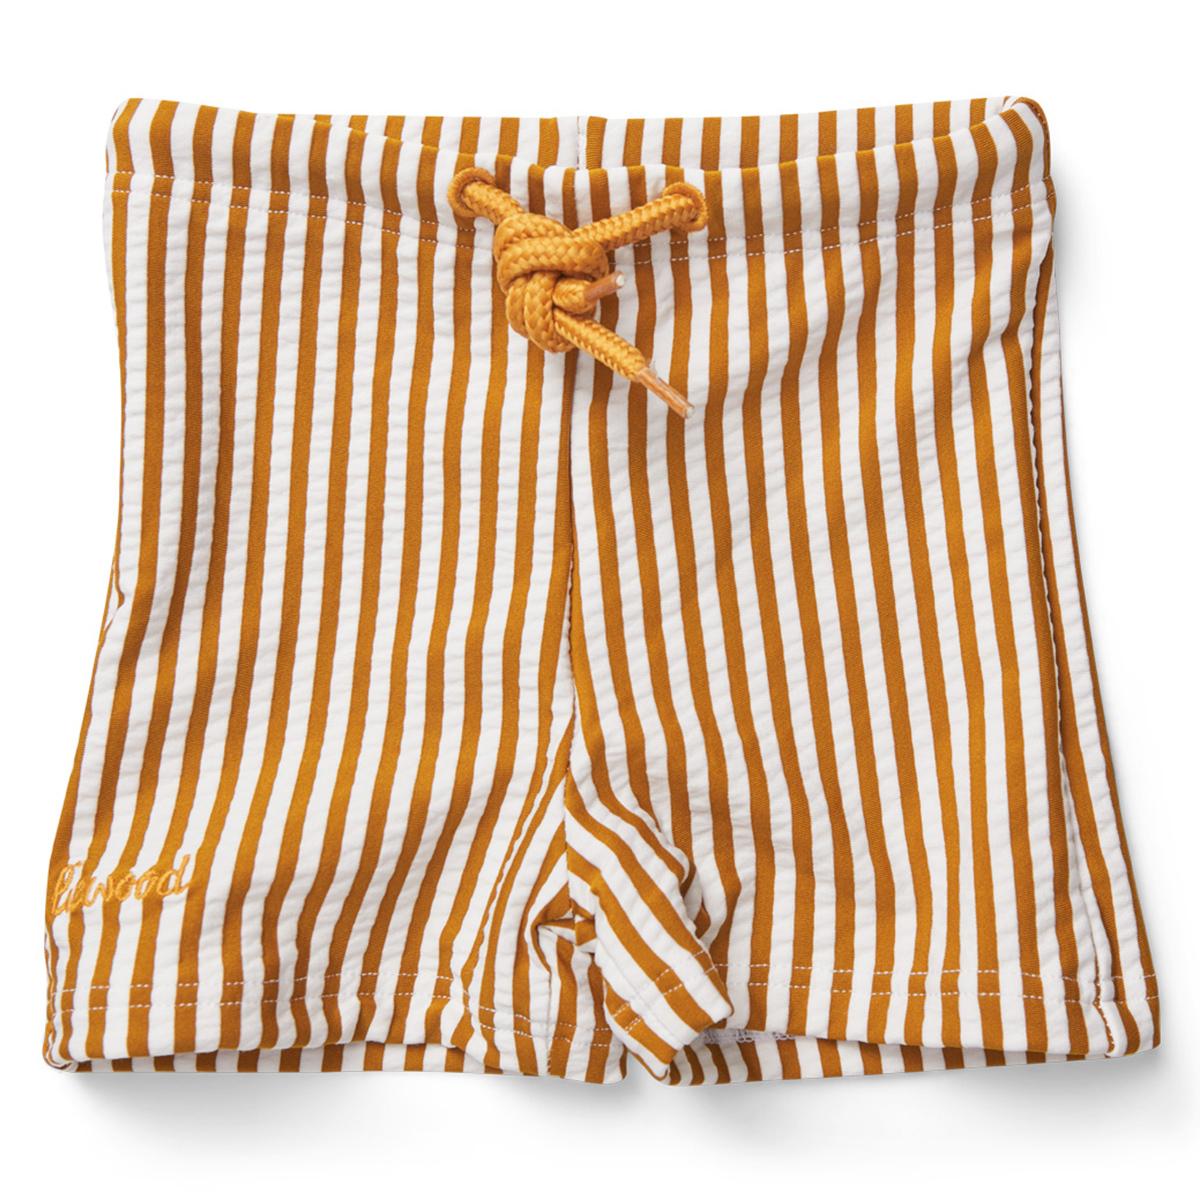 Accessoires bébé Short de Bain Otto Rayé Moutarde et Blanc - 18/36 Mois Short de Bain Otto Rayé Moutarde et Blanc - 18/36 Mois